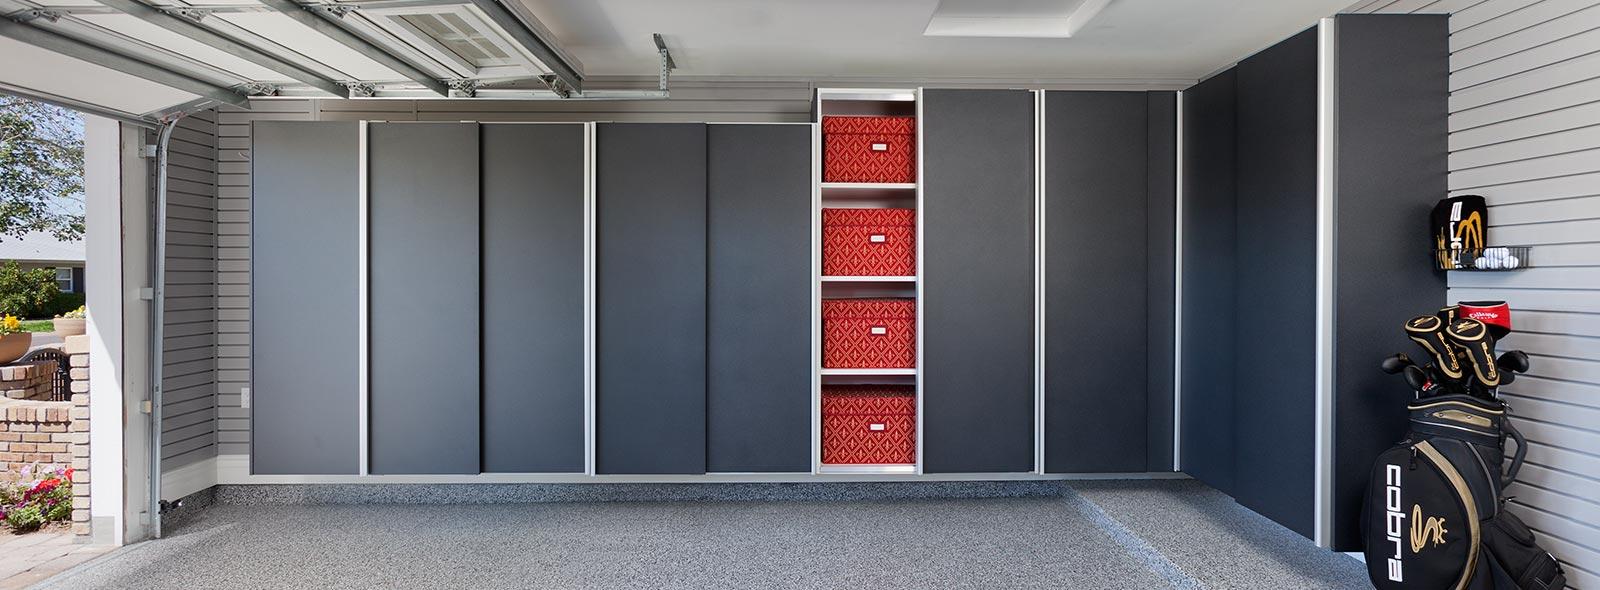 Garage Cabinets Garage Storage Garage Organizers